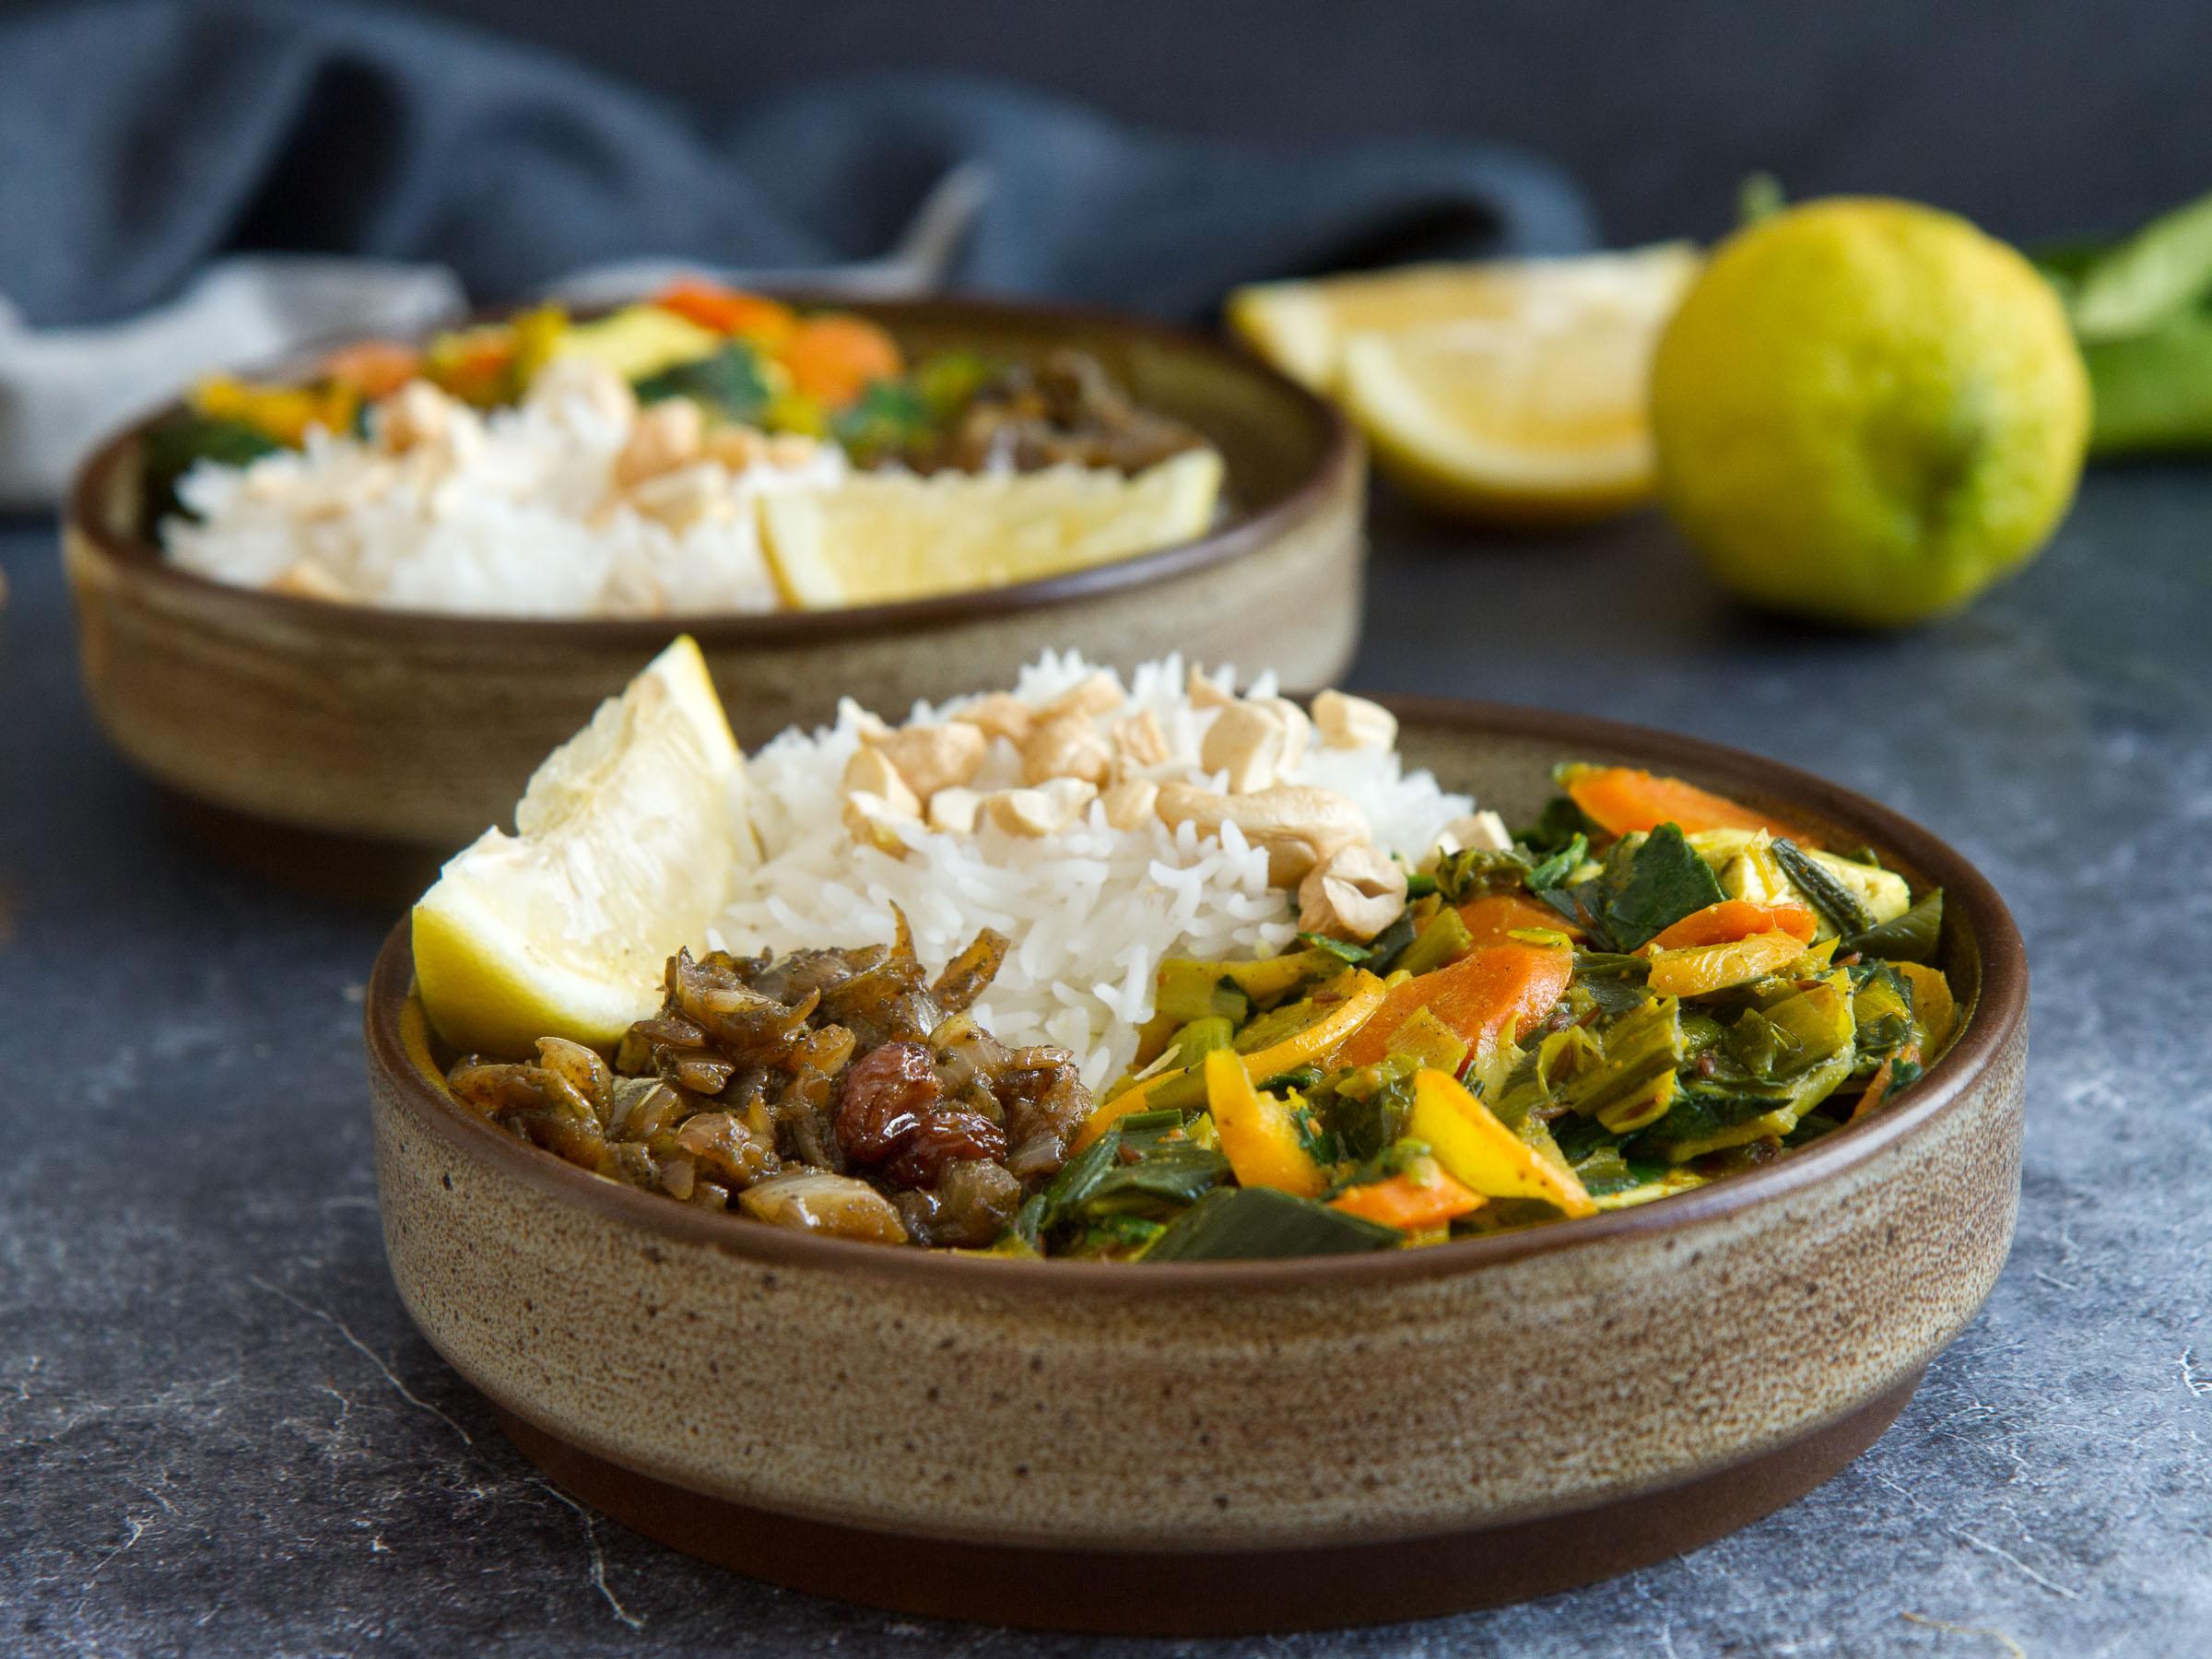 Curry de légumes au lait de coco et tofu, riz basmati, chutney d'oignons aux raisins